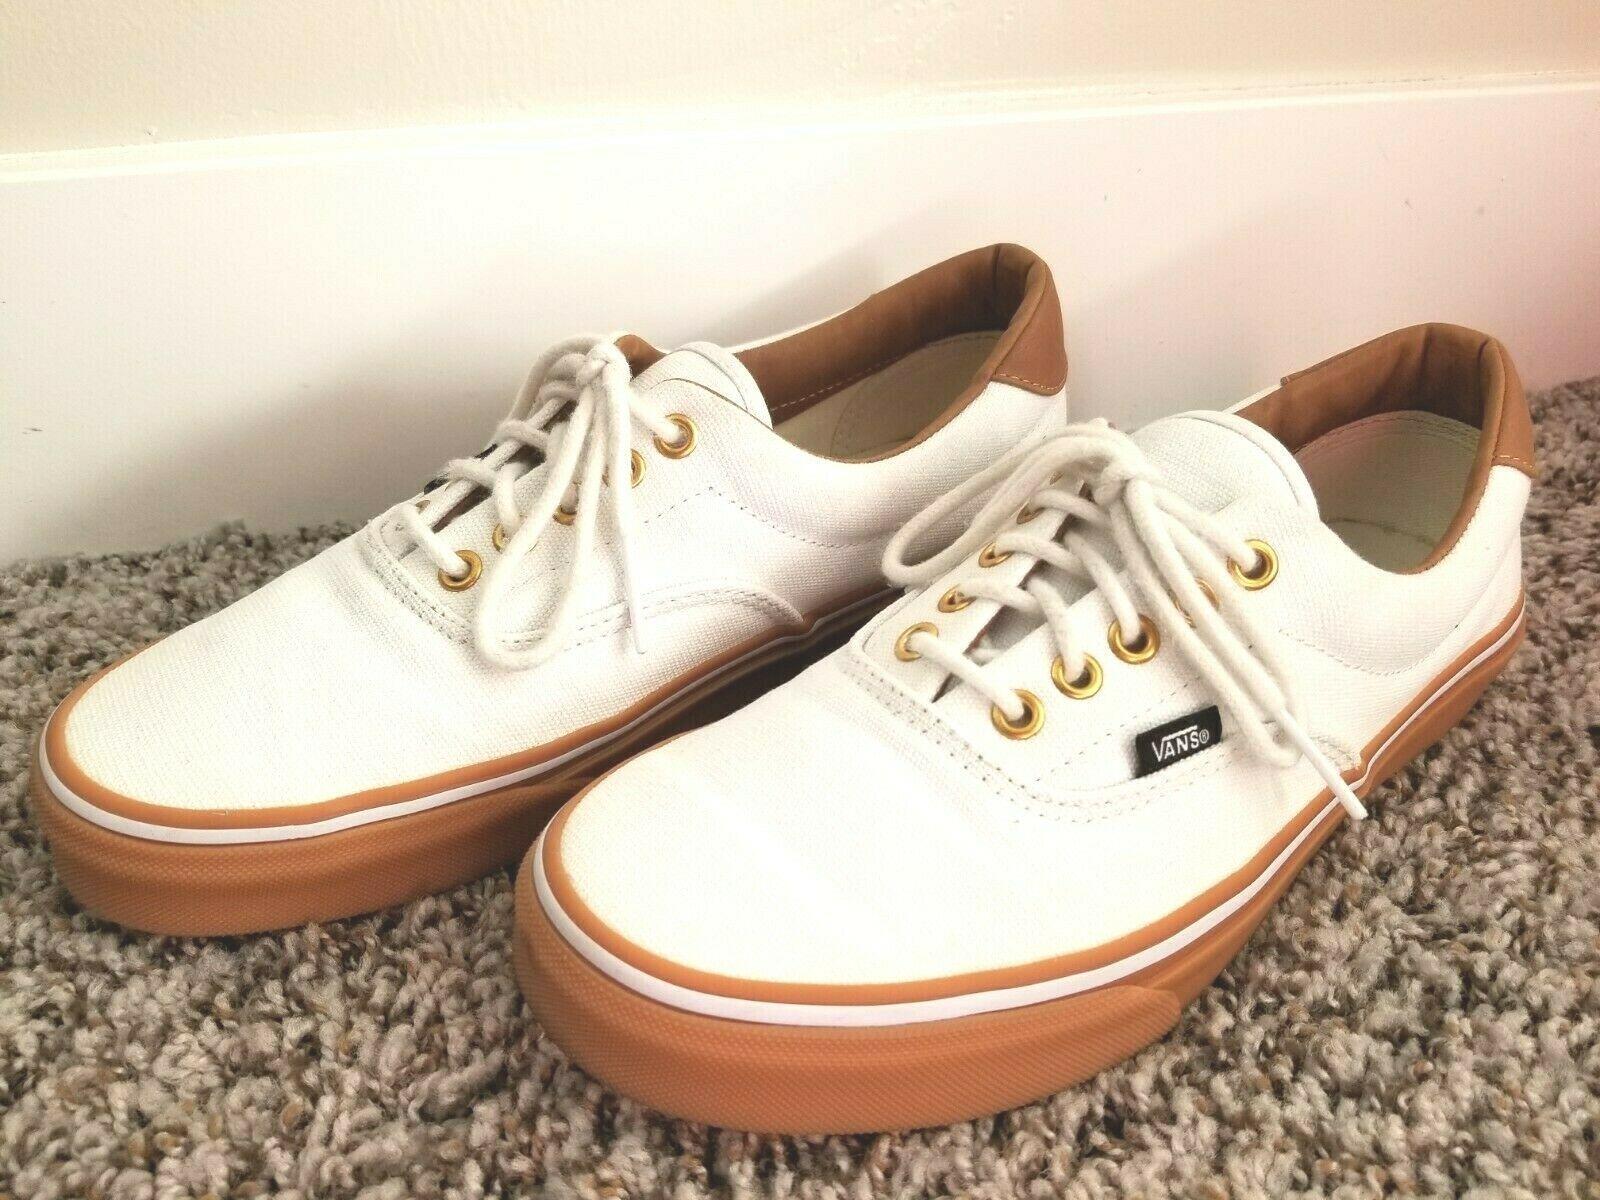 White canvas shoes, Vans